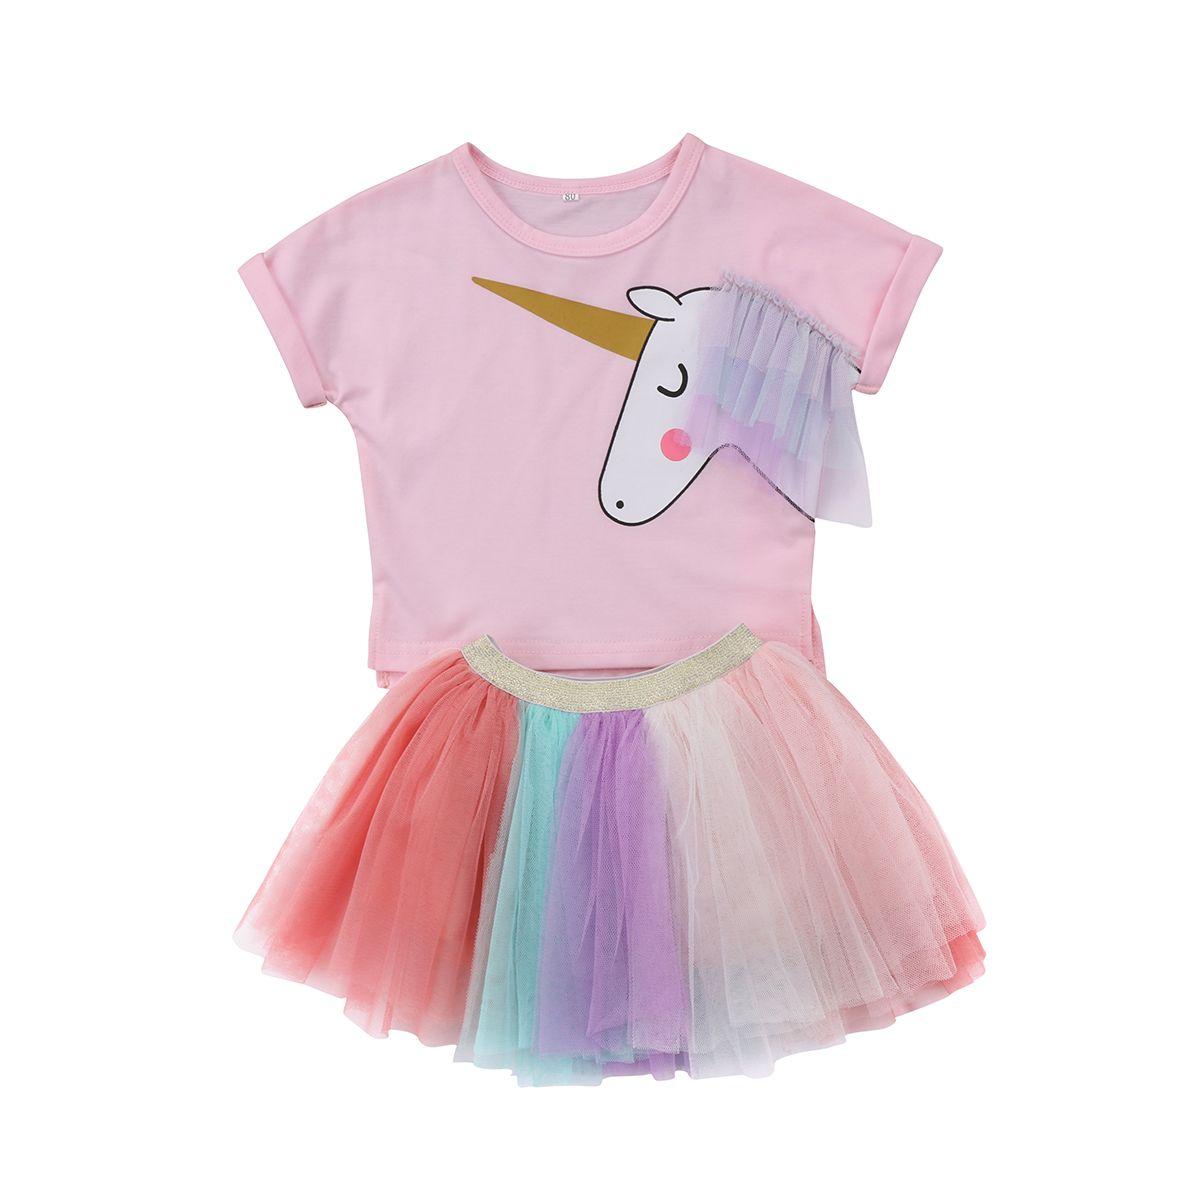 Niños bebé Niñas impreso Top camiseta + Encaje Tutu falda set ropa verano